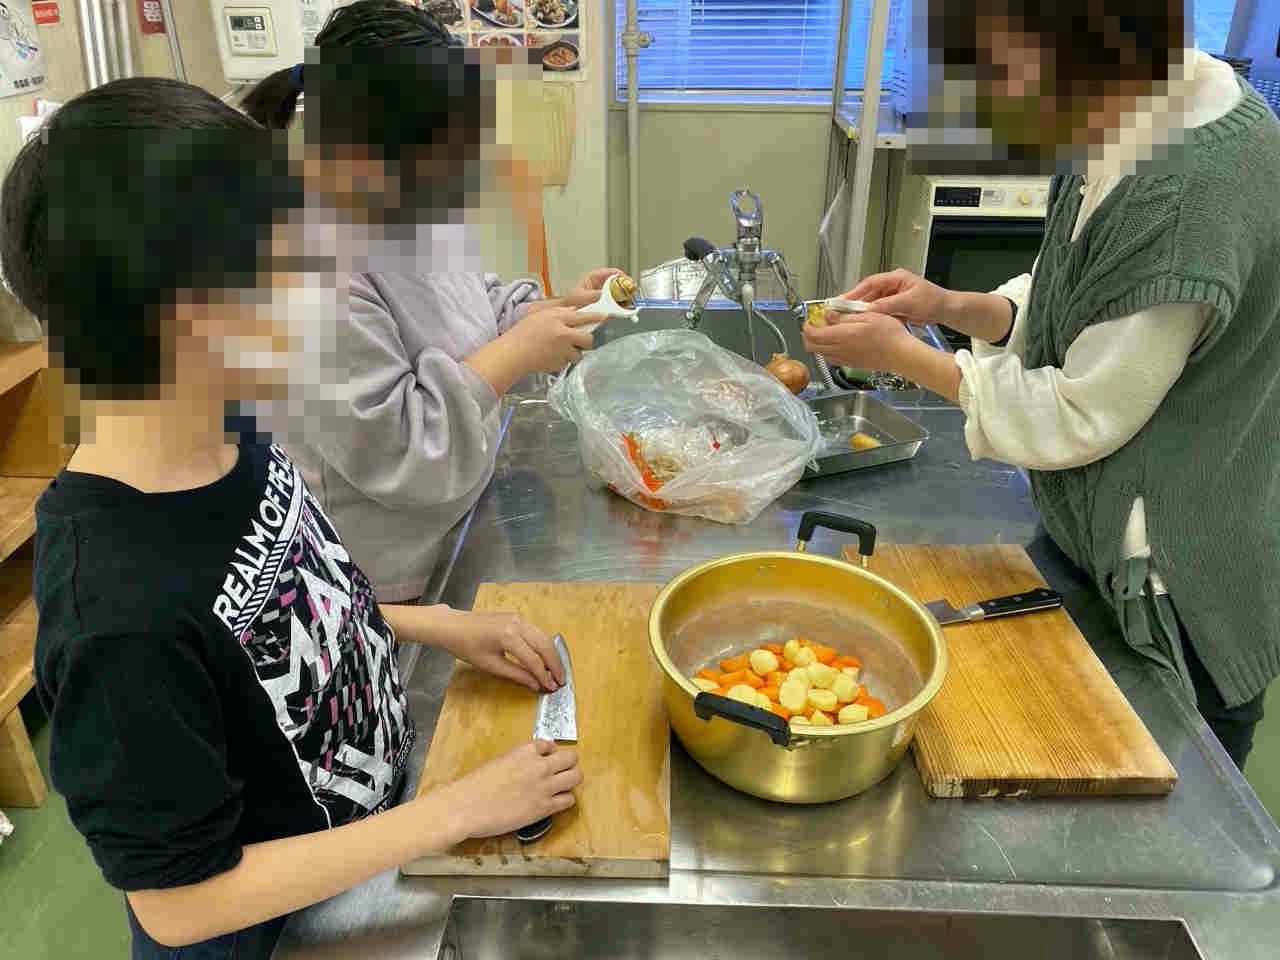 【活動報告】「みんなで作ろうカレーライス」でお腹いっぱい食べました!/キッズぷれいすの子ども食堂